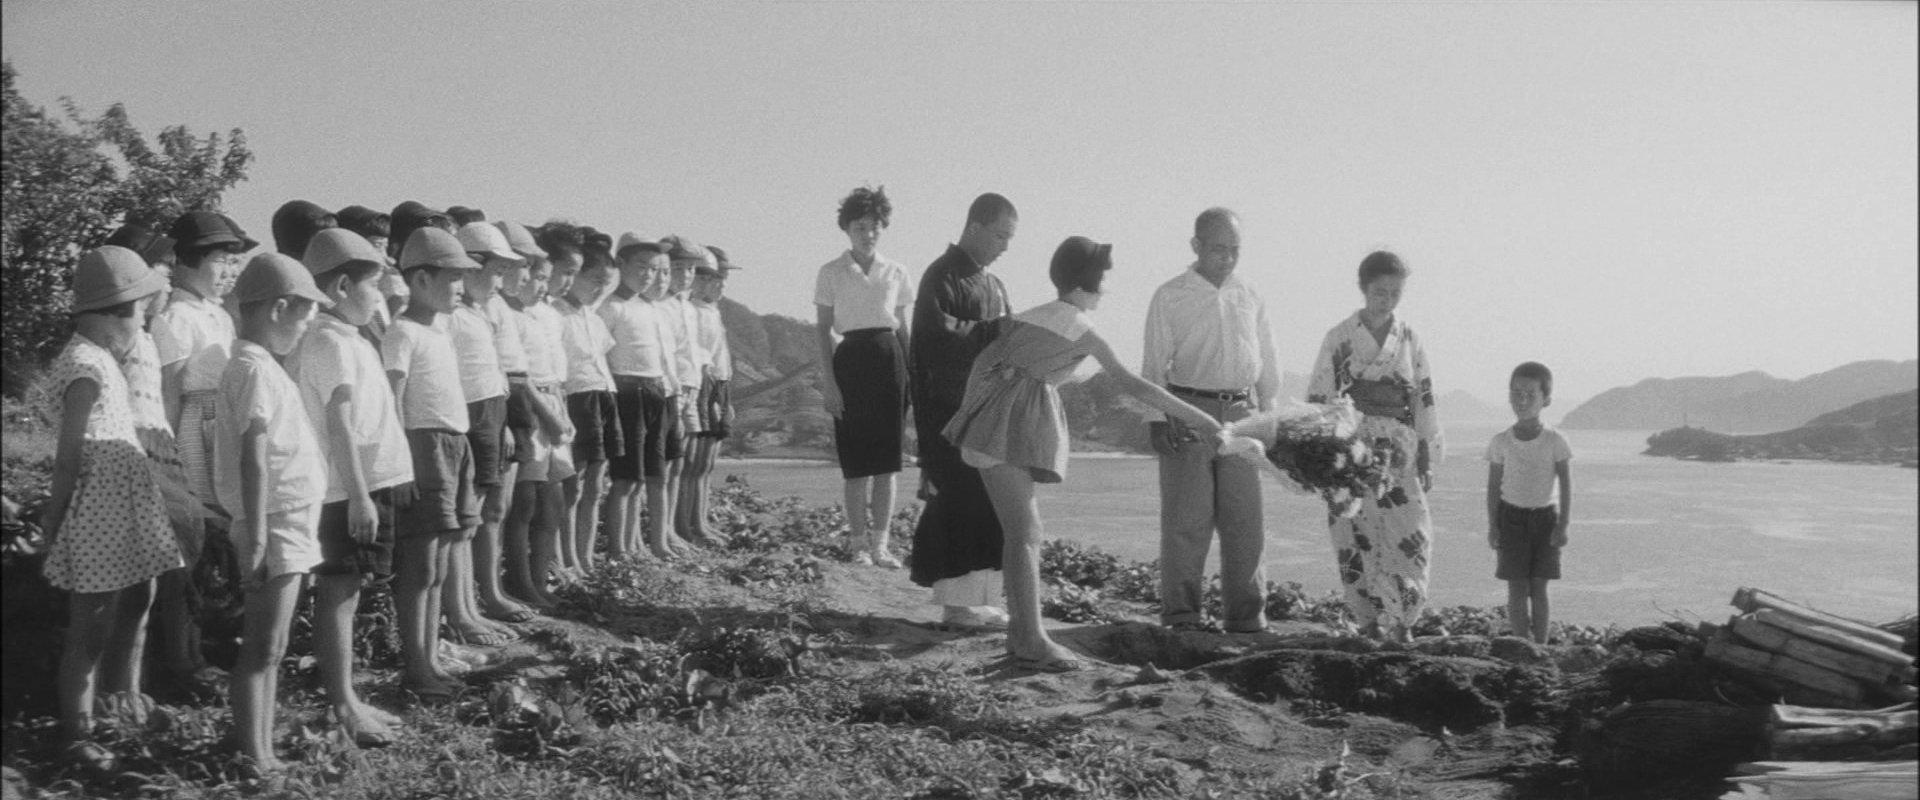 『裸の島』葬式